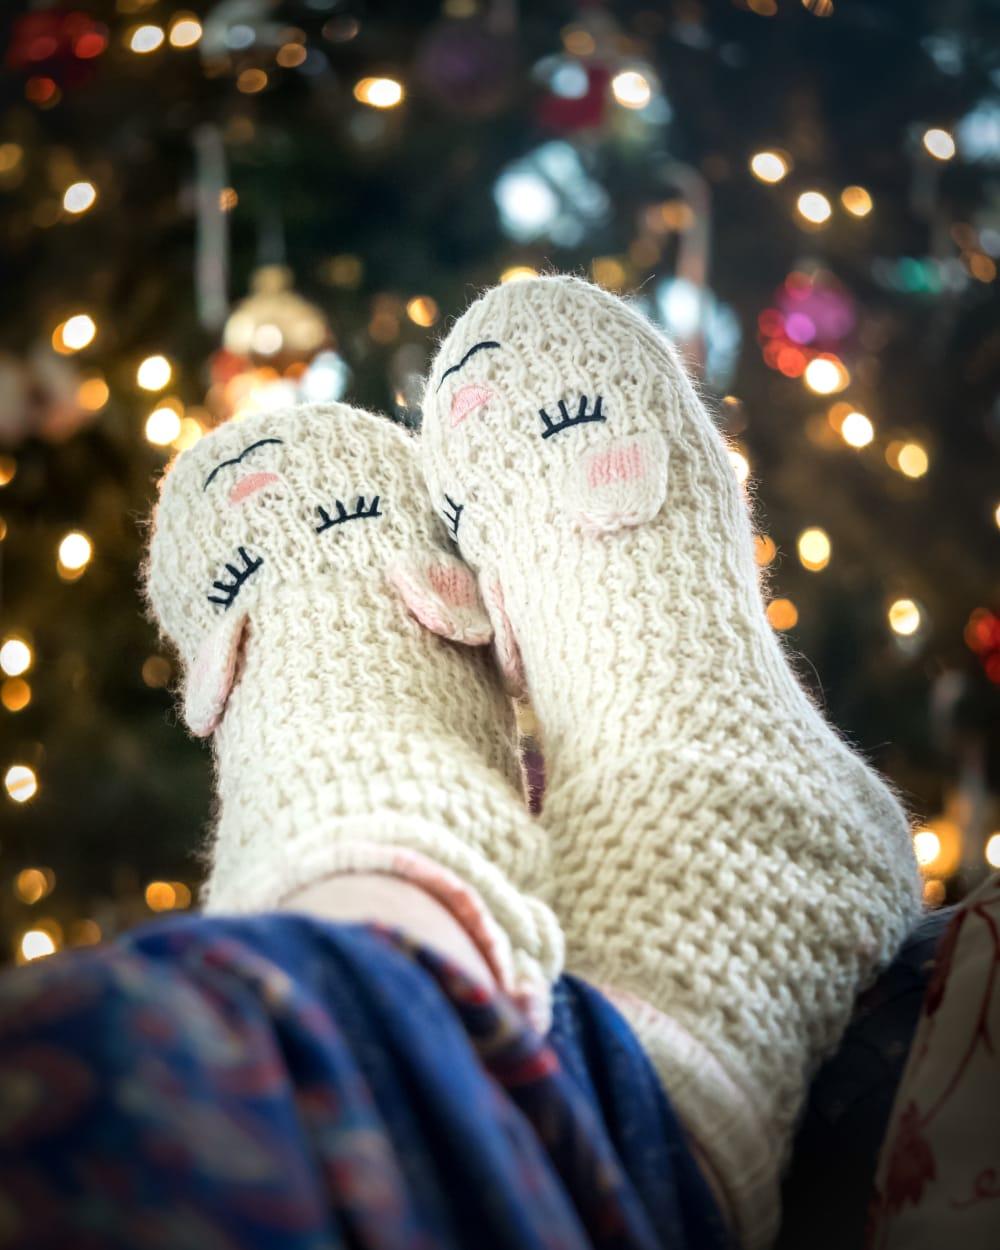 Lambchop socks